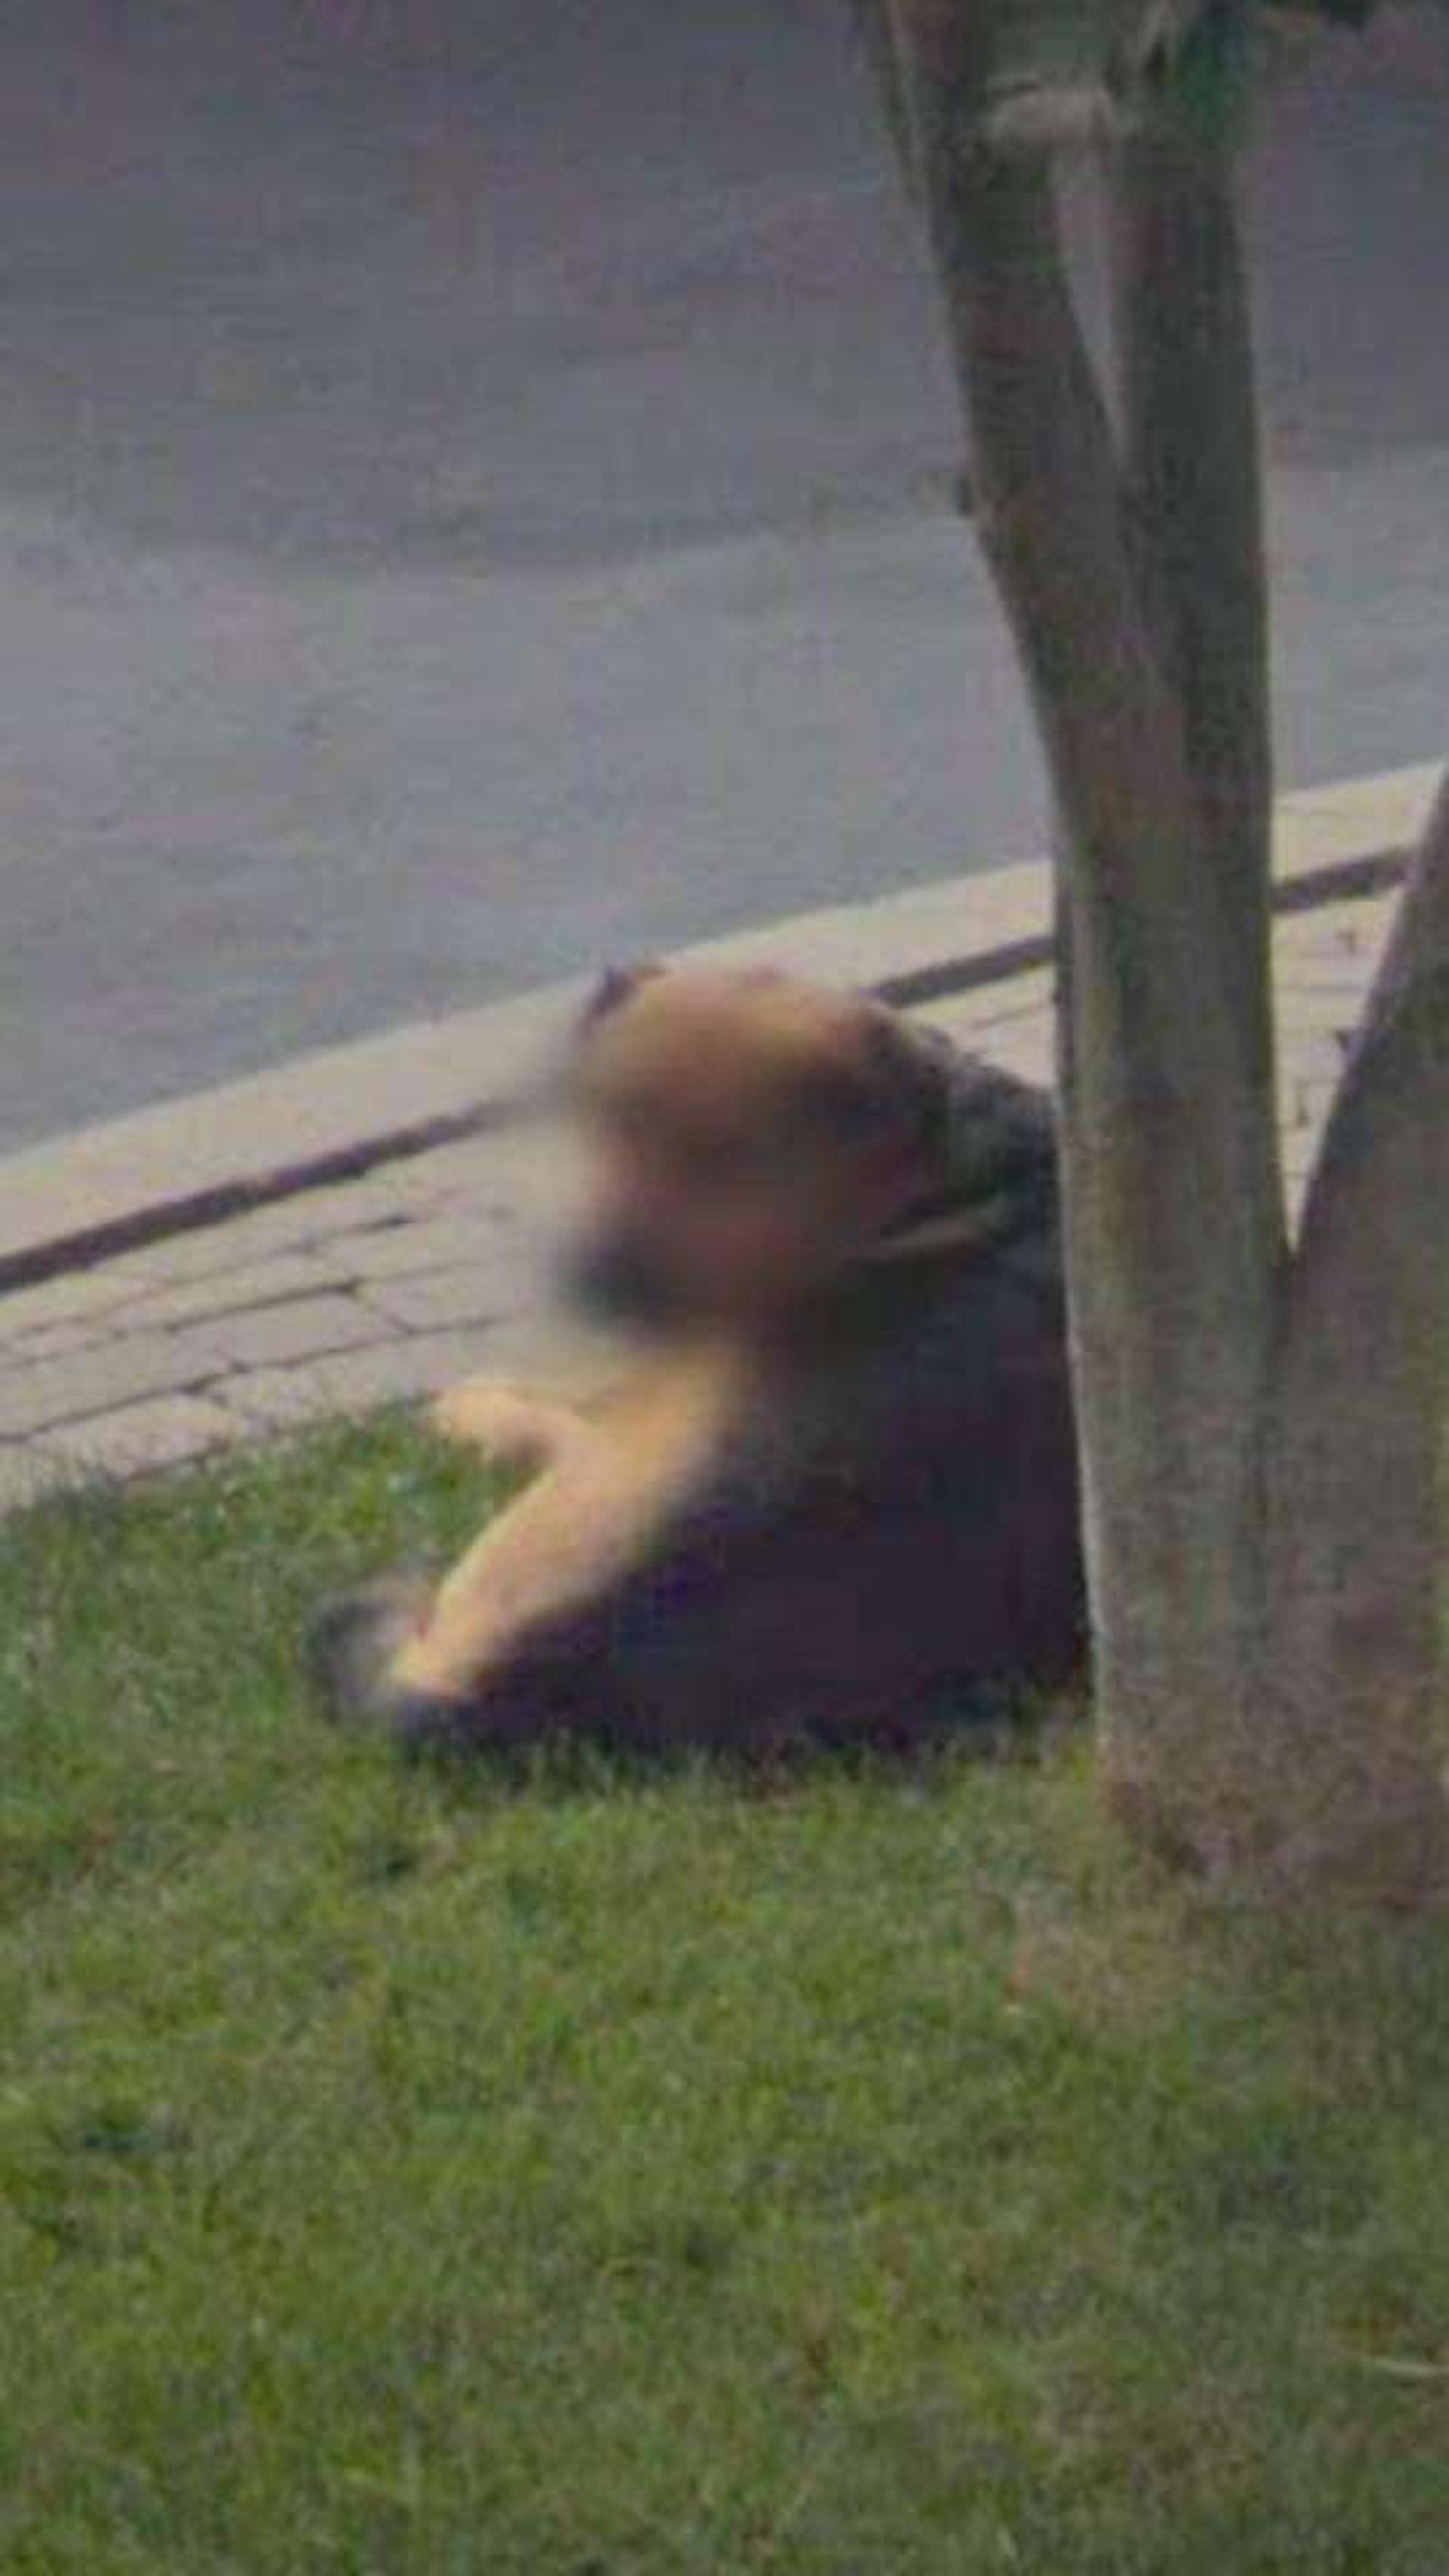 狗主就算是看到背影,应该也能辨别出这是自己的狗狗吧! (facebook@Madelyn Rotella)